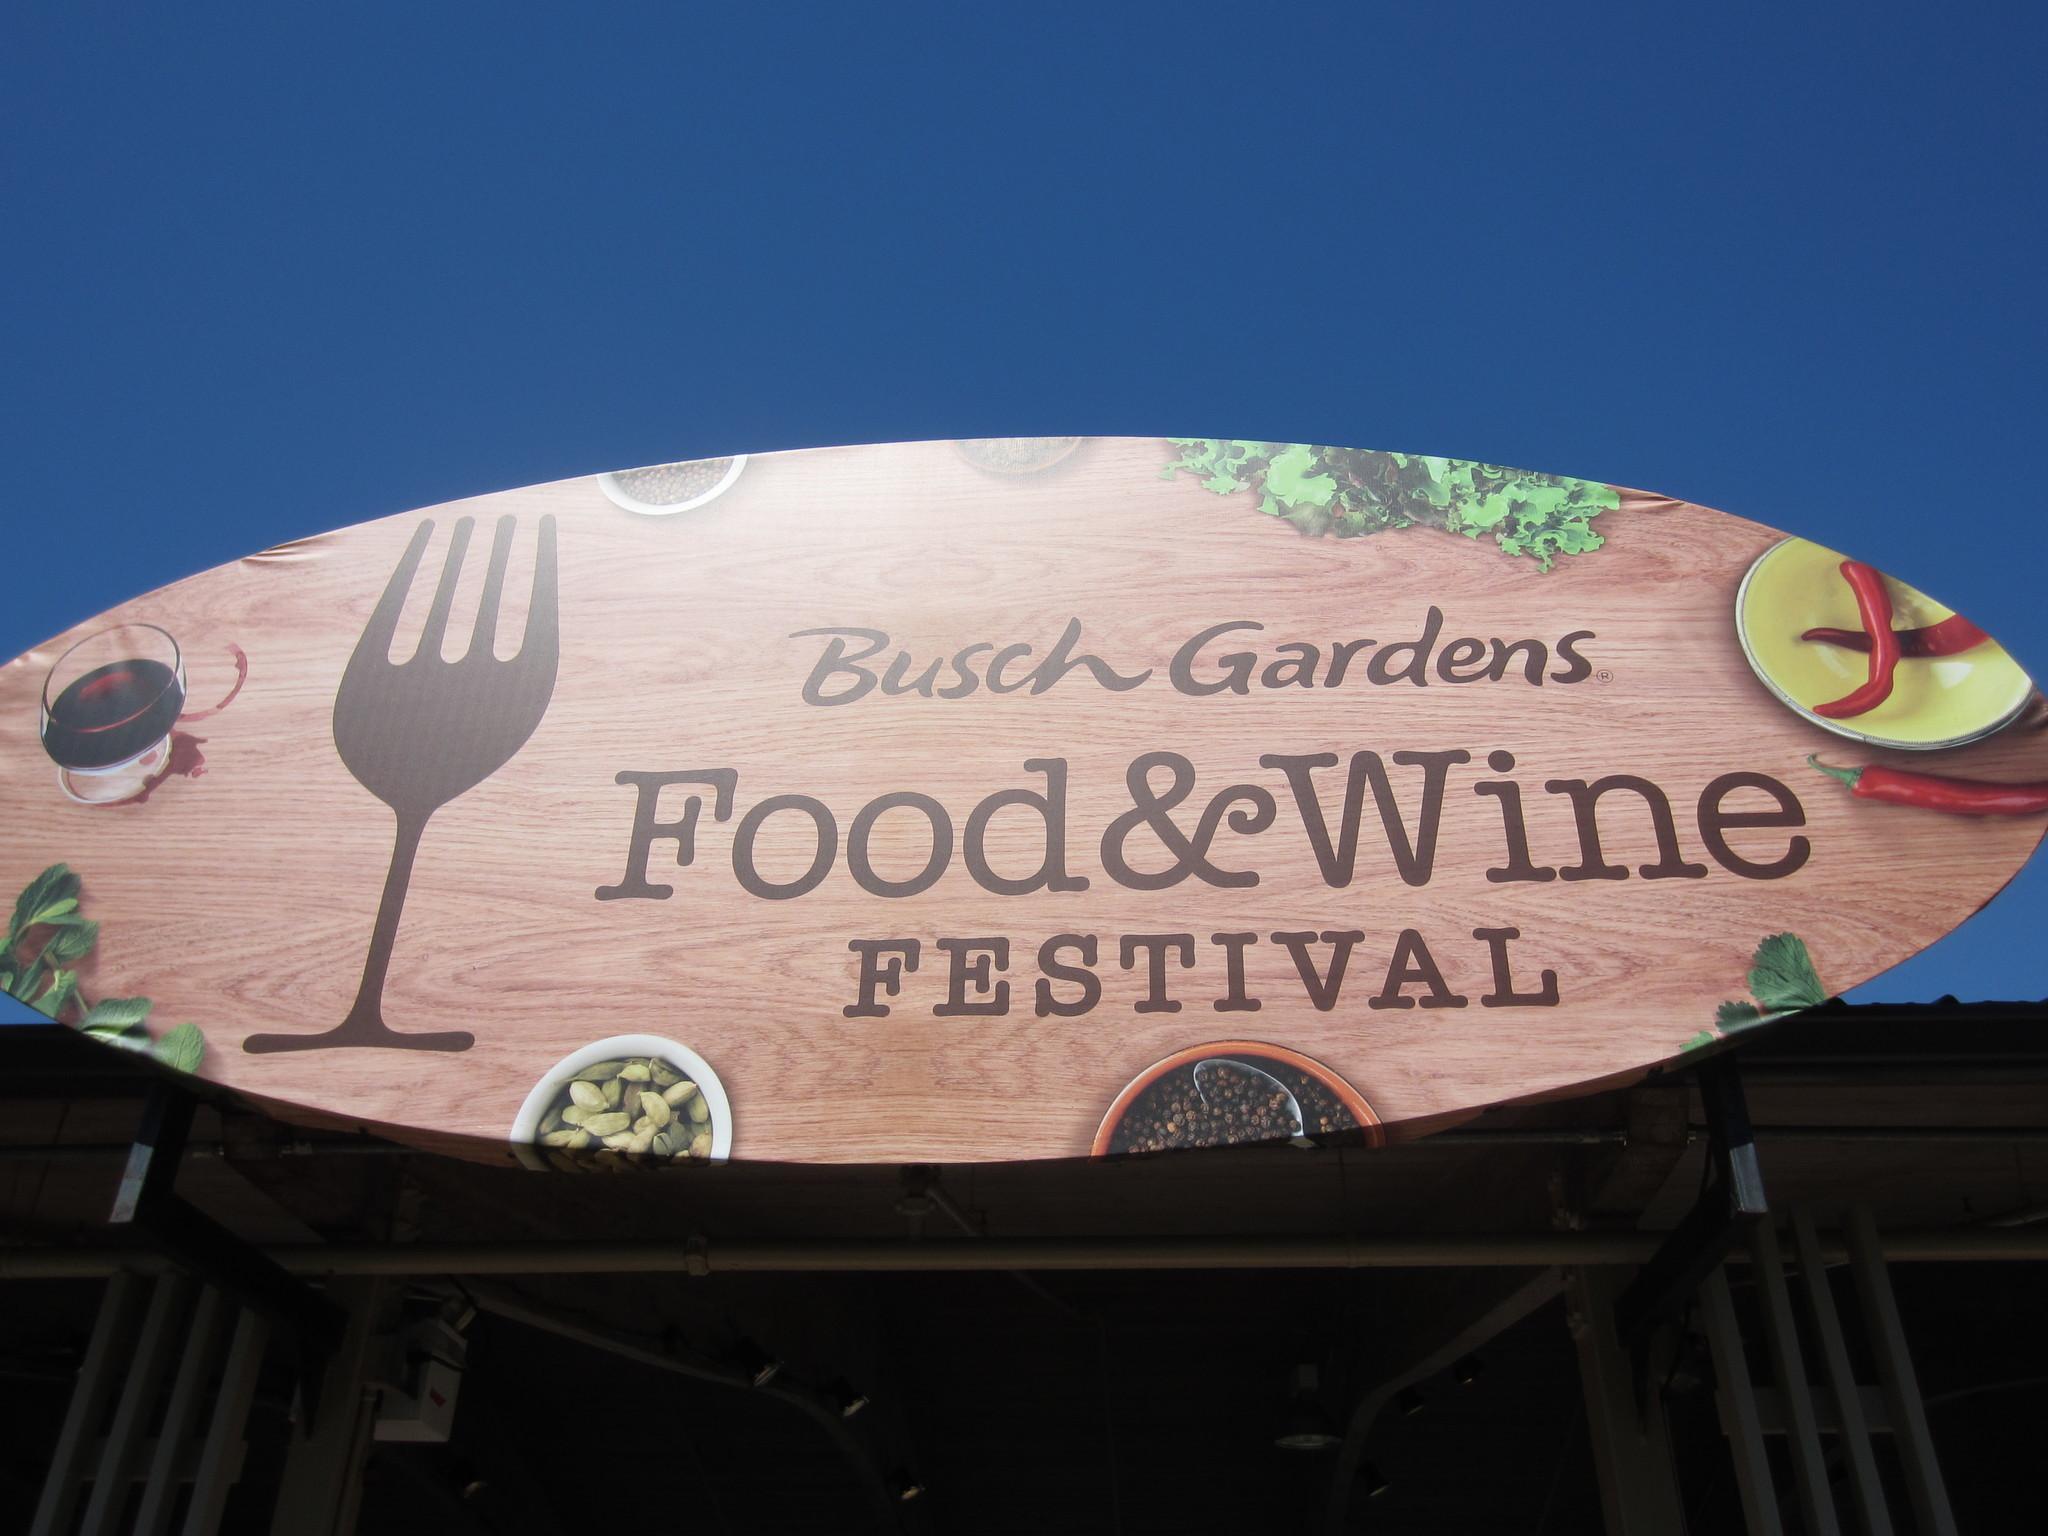 Food and wine de busch gardens en tampa el sentinel for Busch gardens food and wine 2017